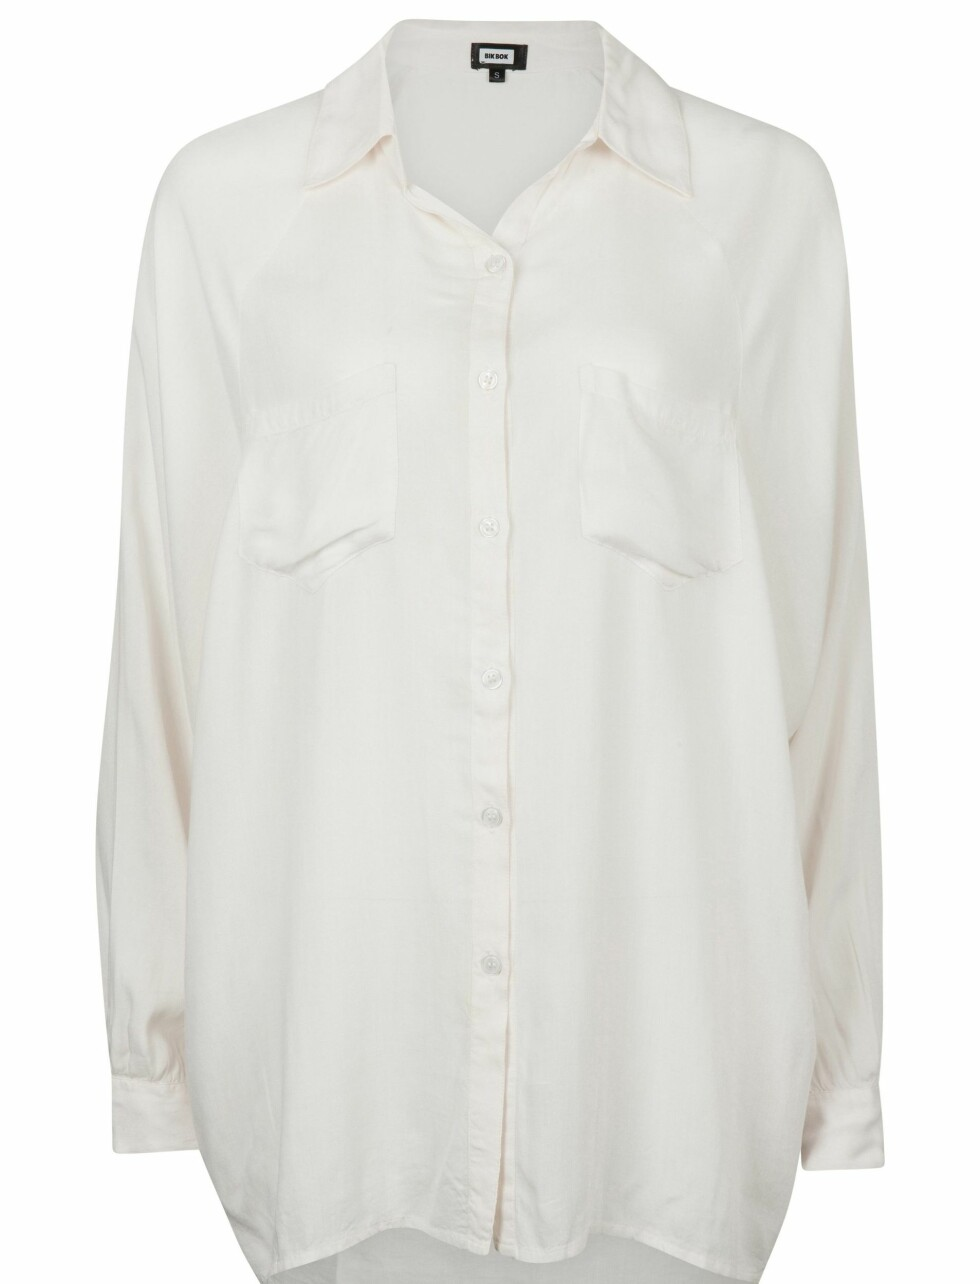 Oversized skjorte (kr 250, Bik Bok). Foto: Produsenten